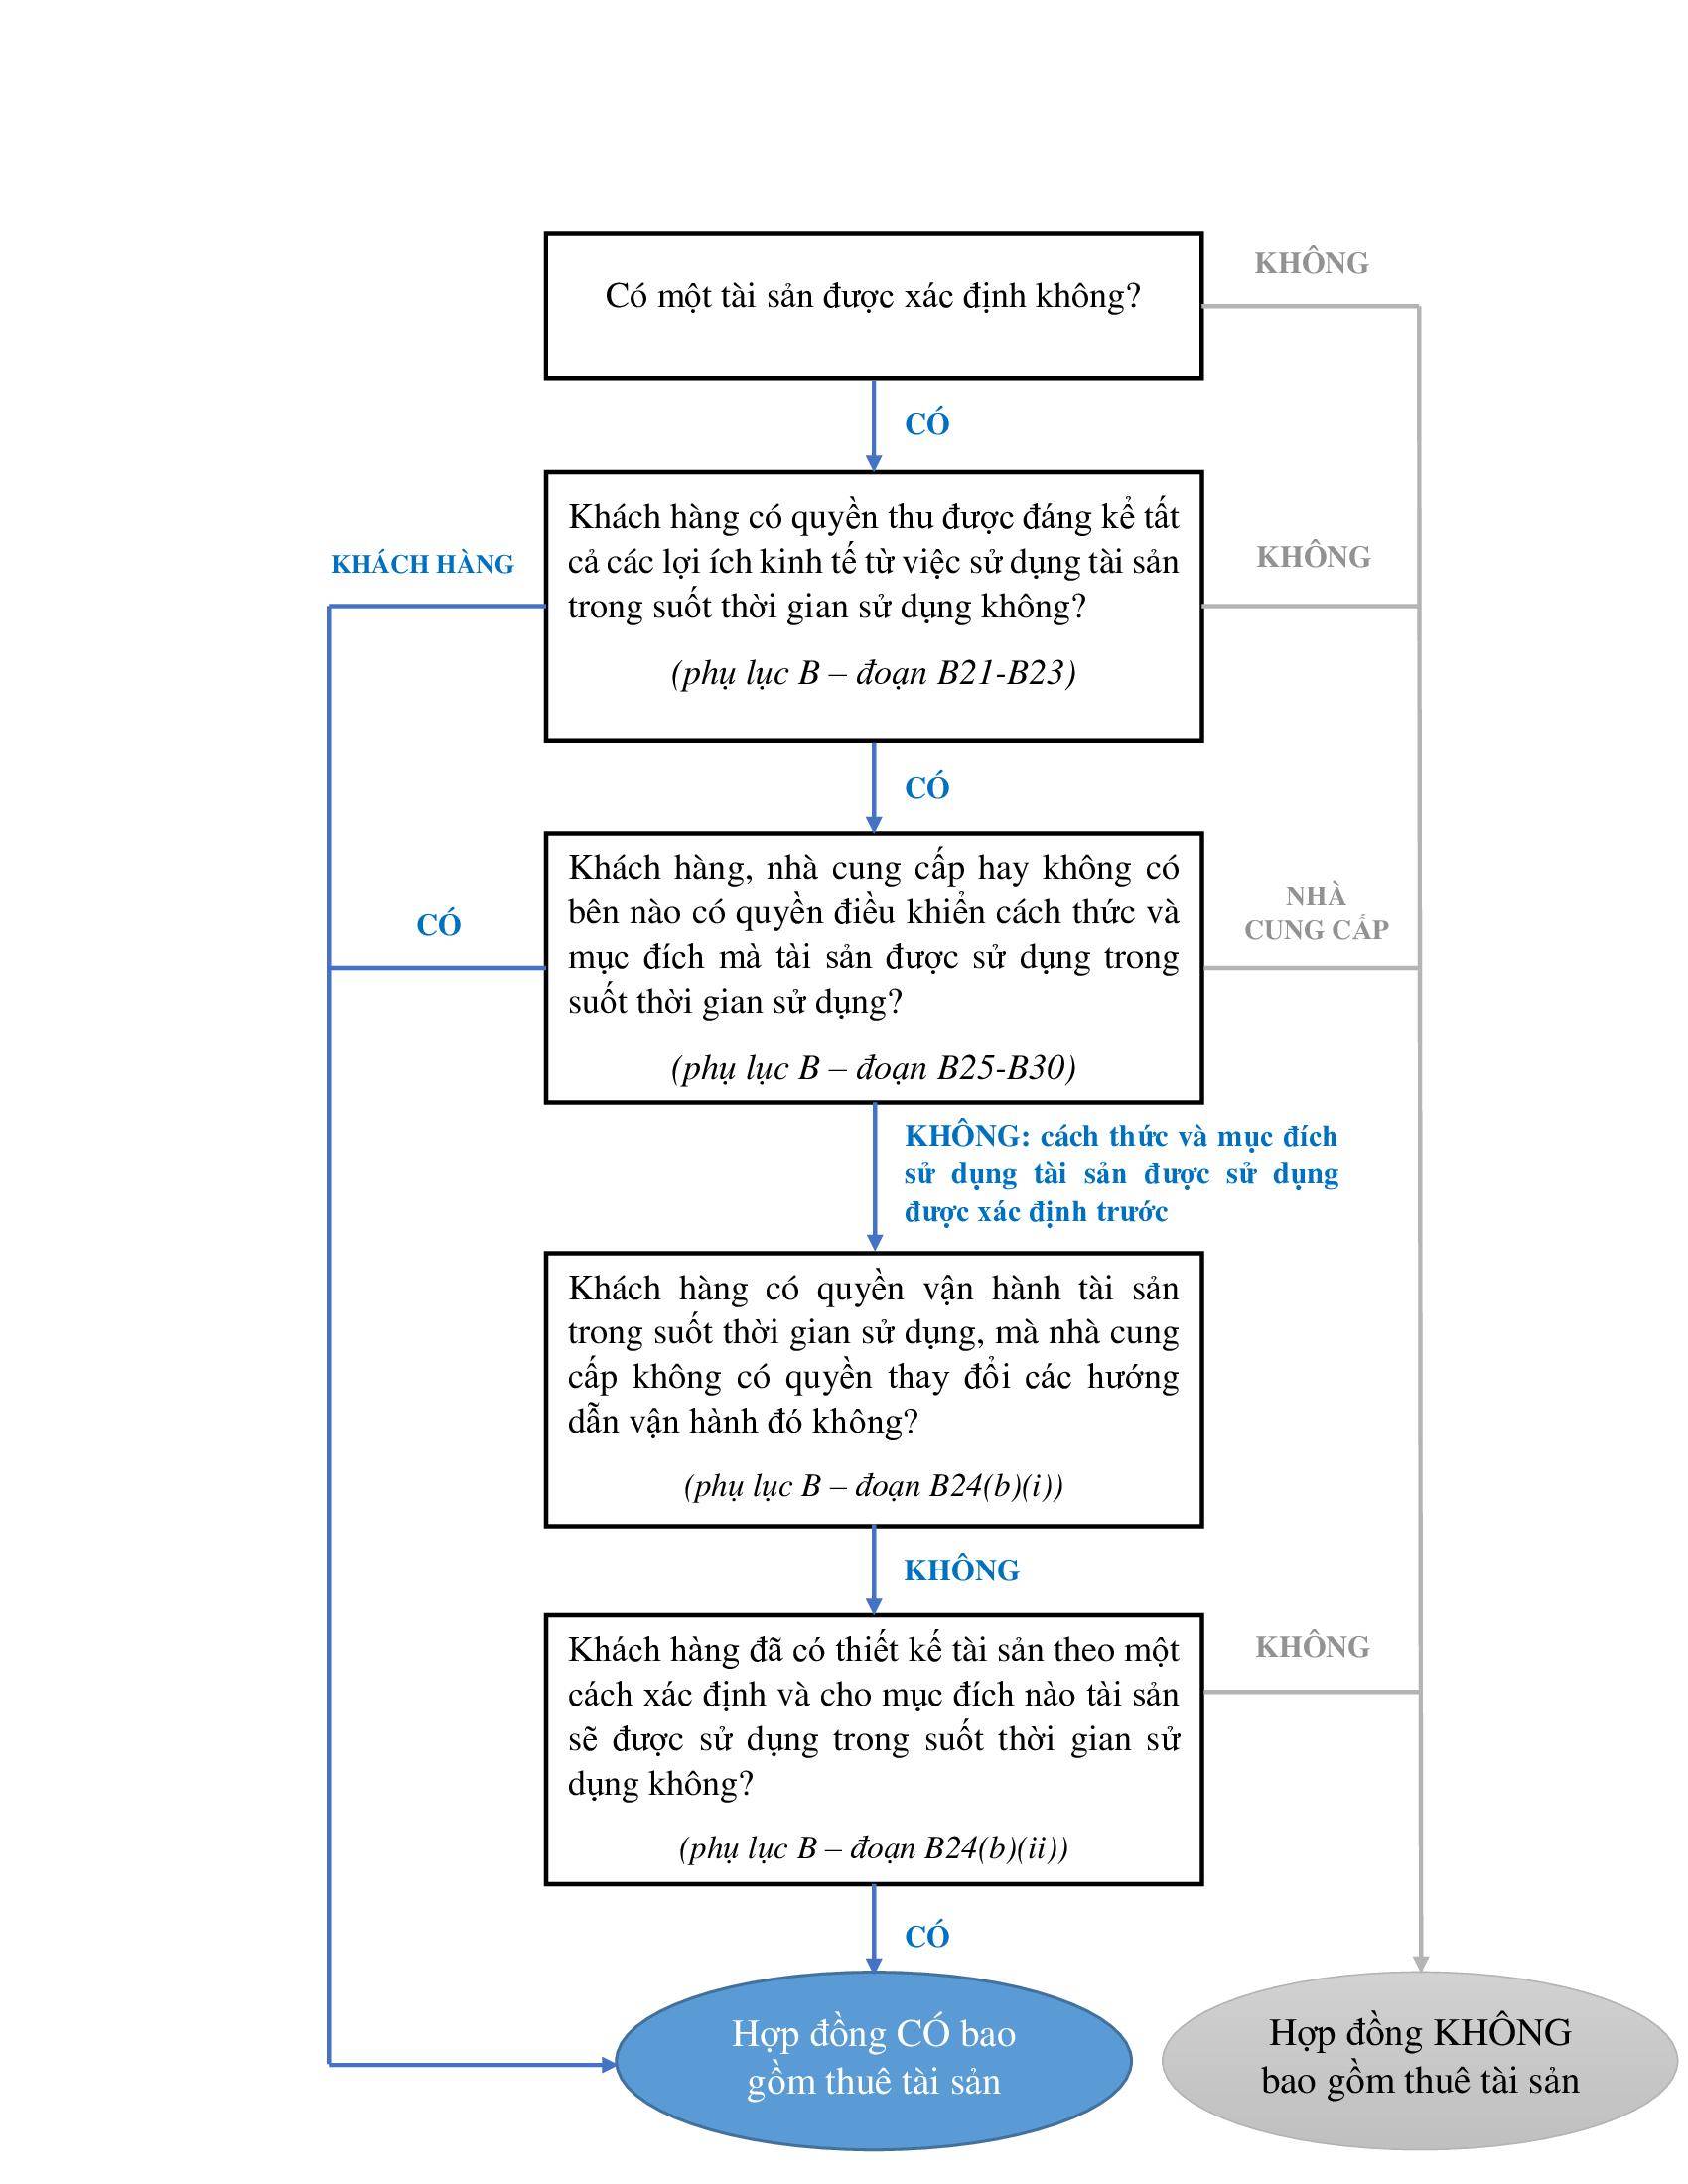 [IFRS 16] Hợp đồng thuê tài sản - Phần 03: Xác định thuê tài sản 1